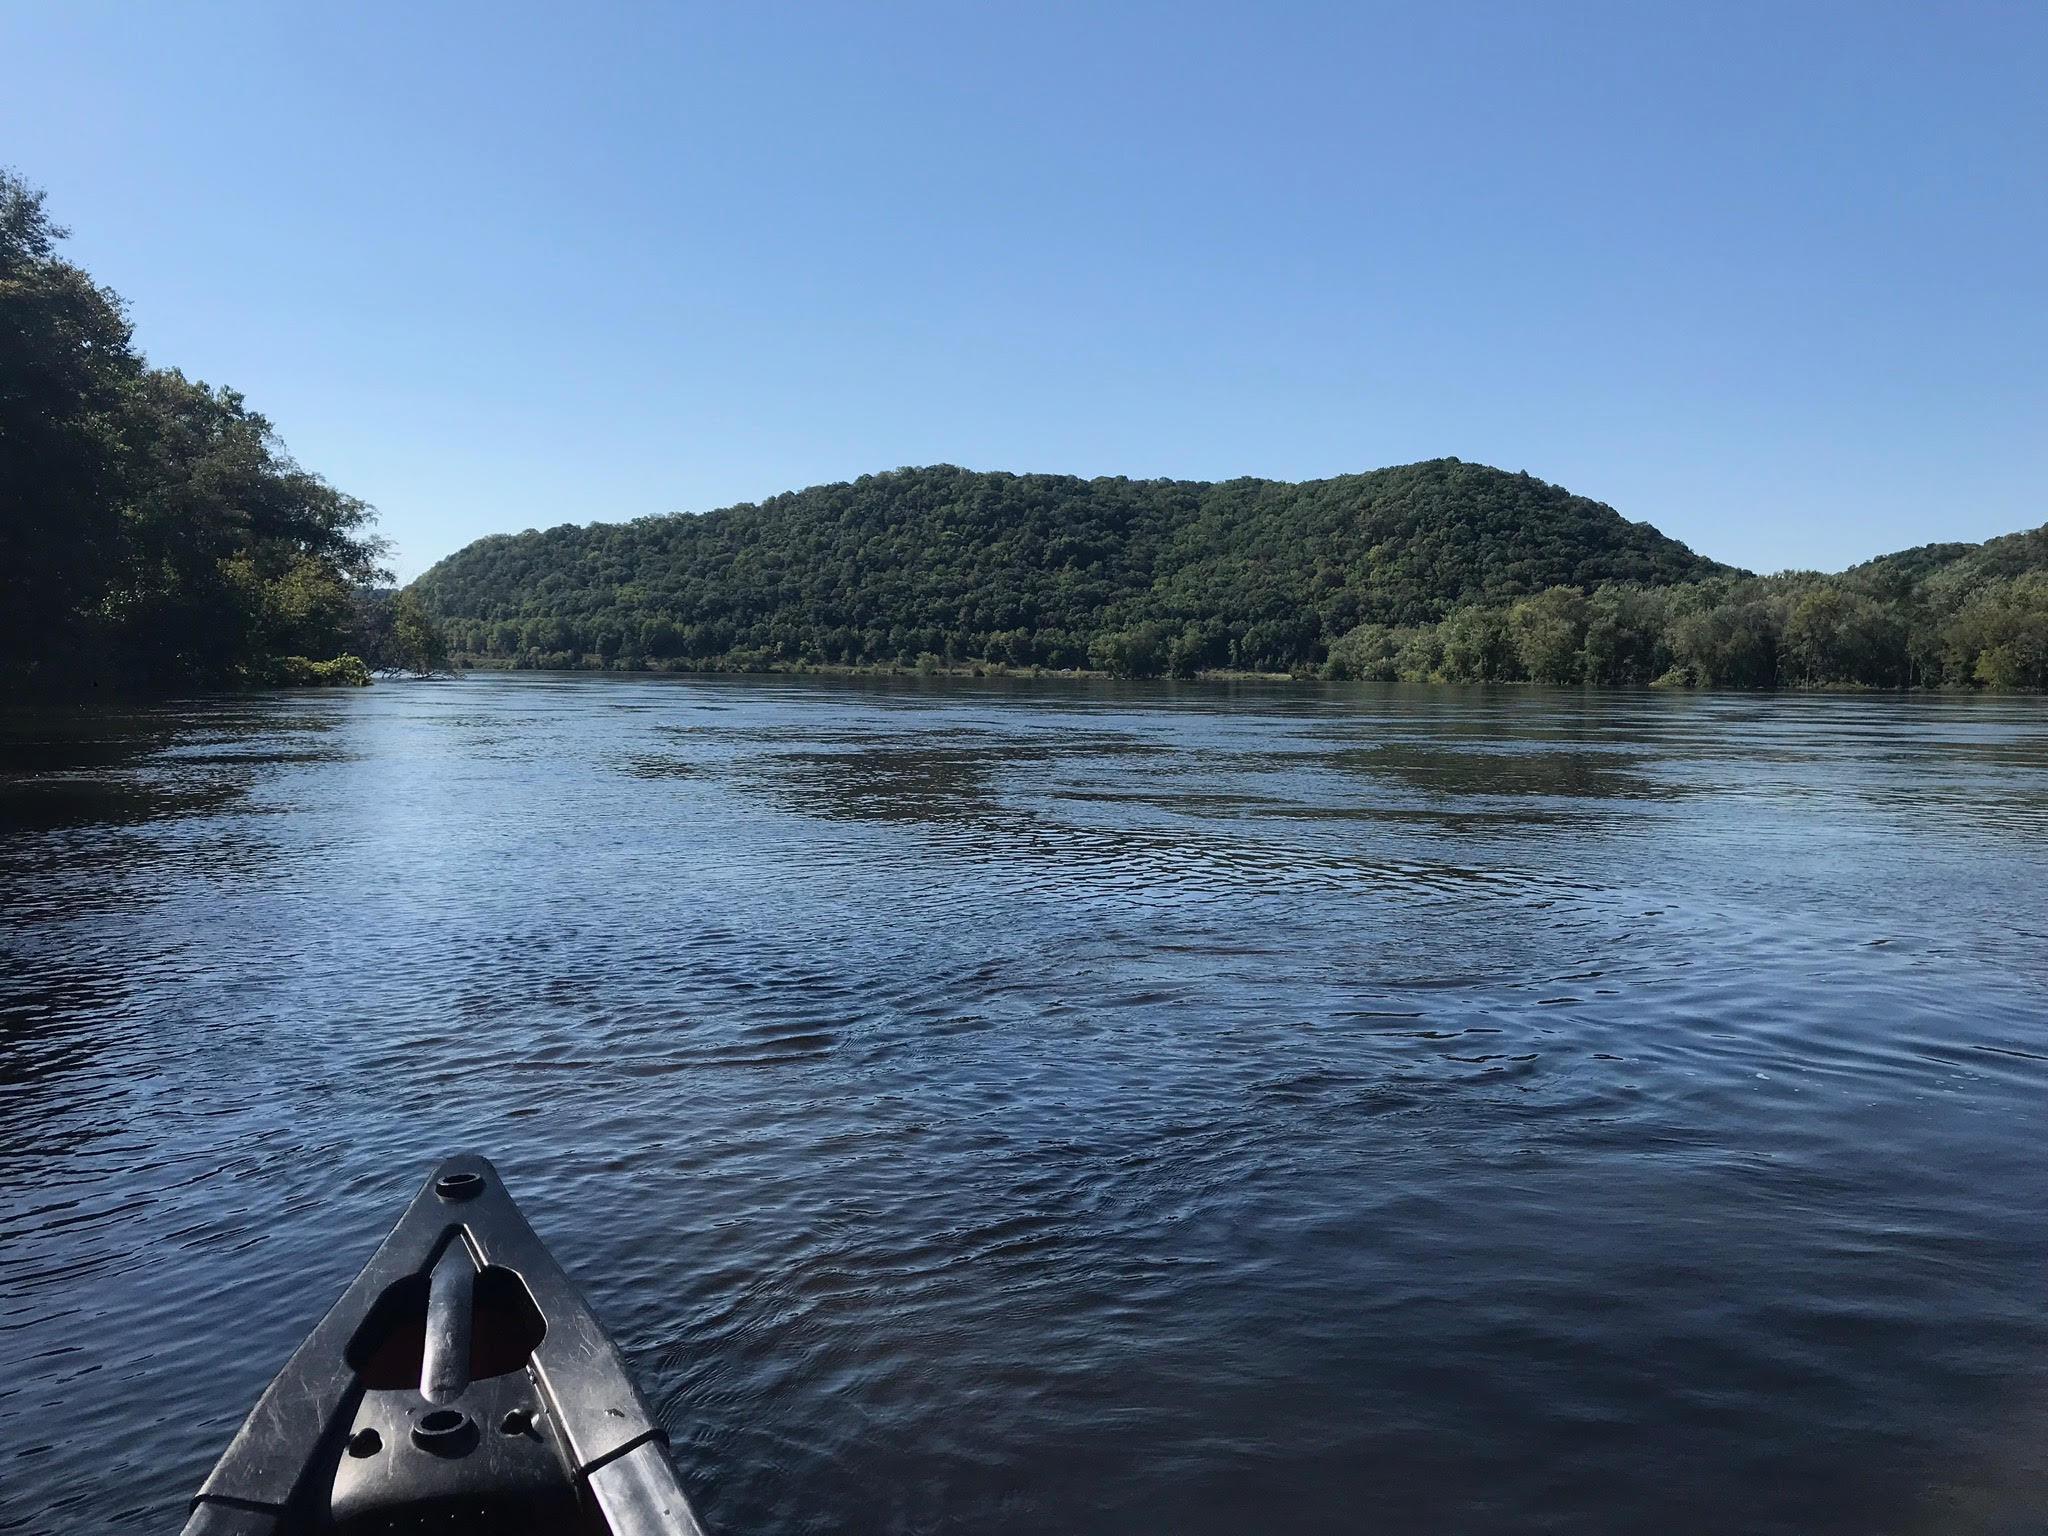 LT canoe view.jpg